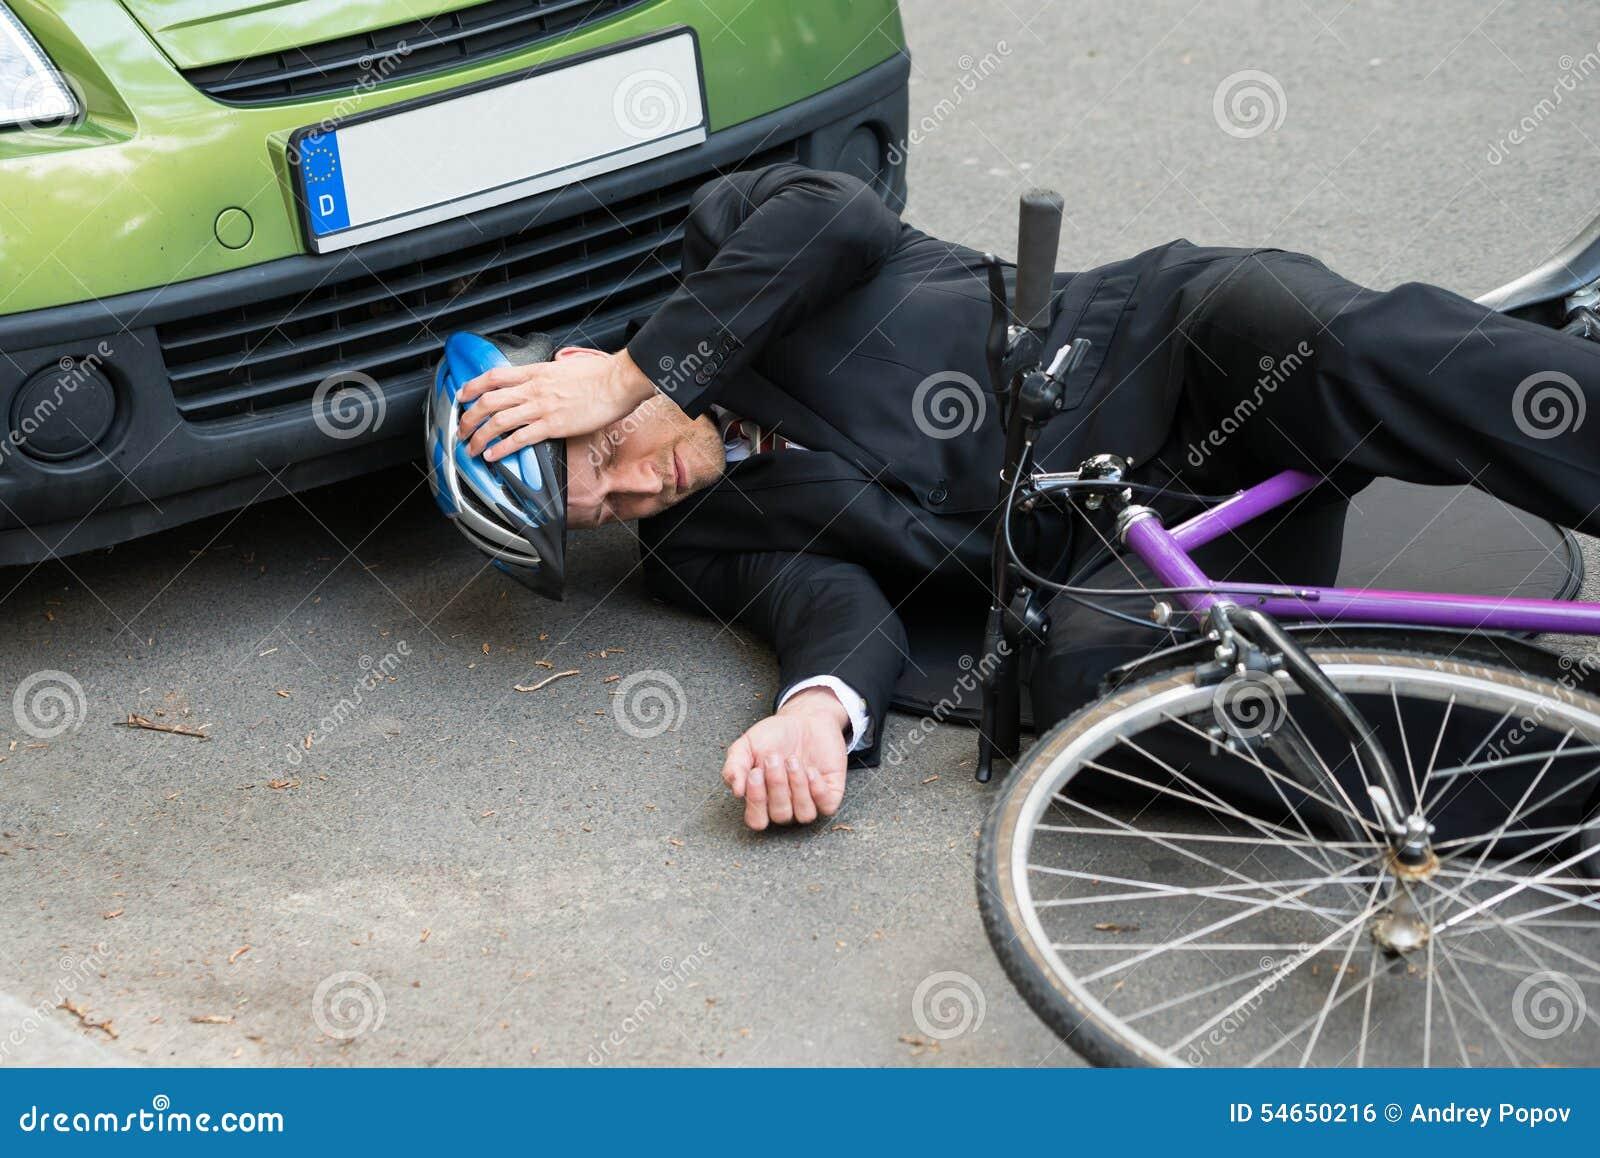 cycliste masculin apr s accident de voiture sur la route photo stock image 54650216. Black Bedroom Furniture Sets. Home Design Ideas